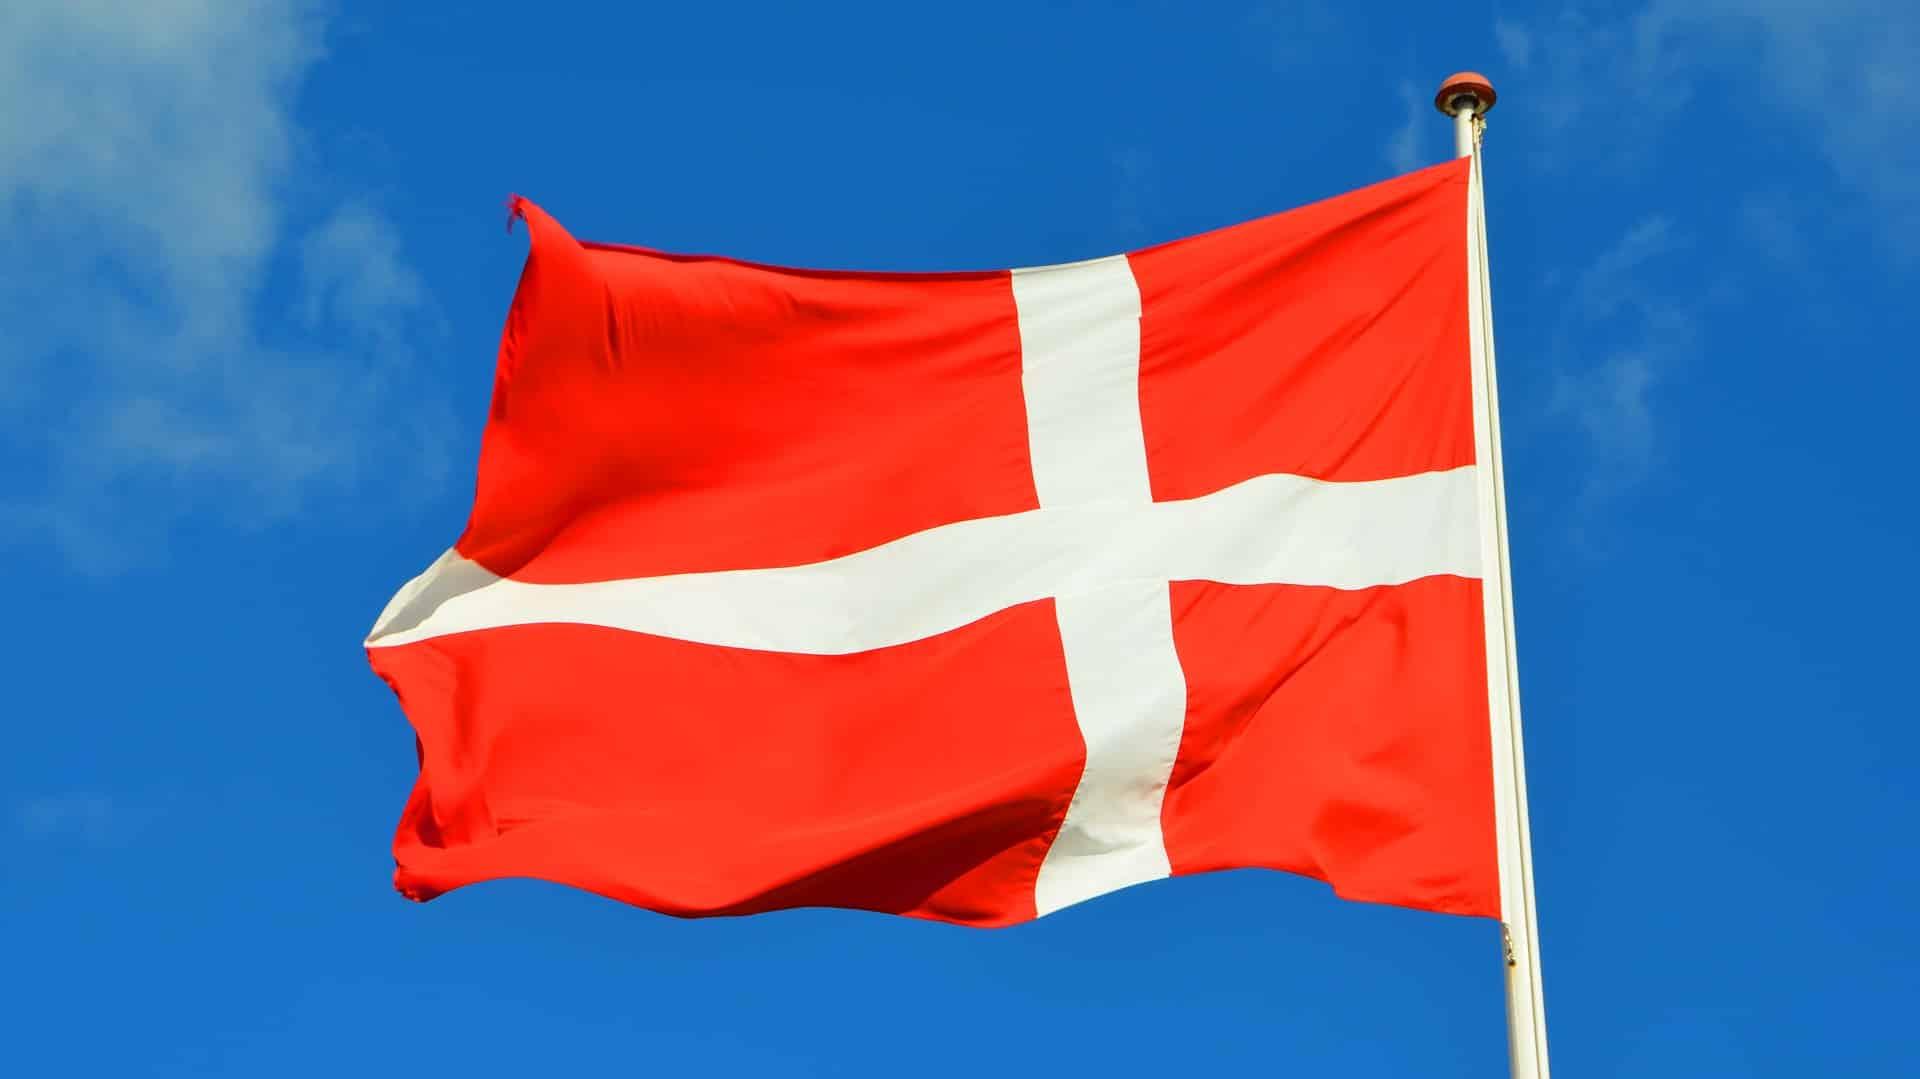 Législation danoise sur le cannabis